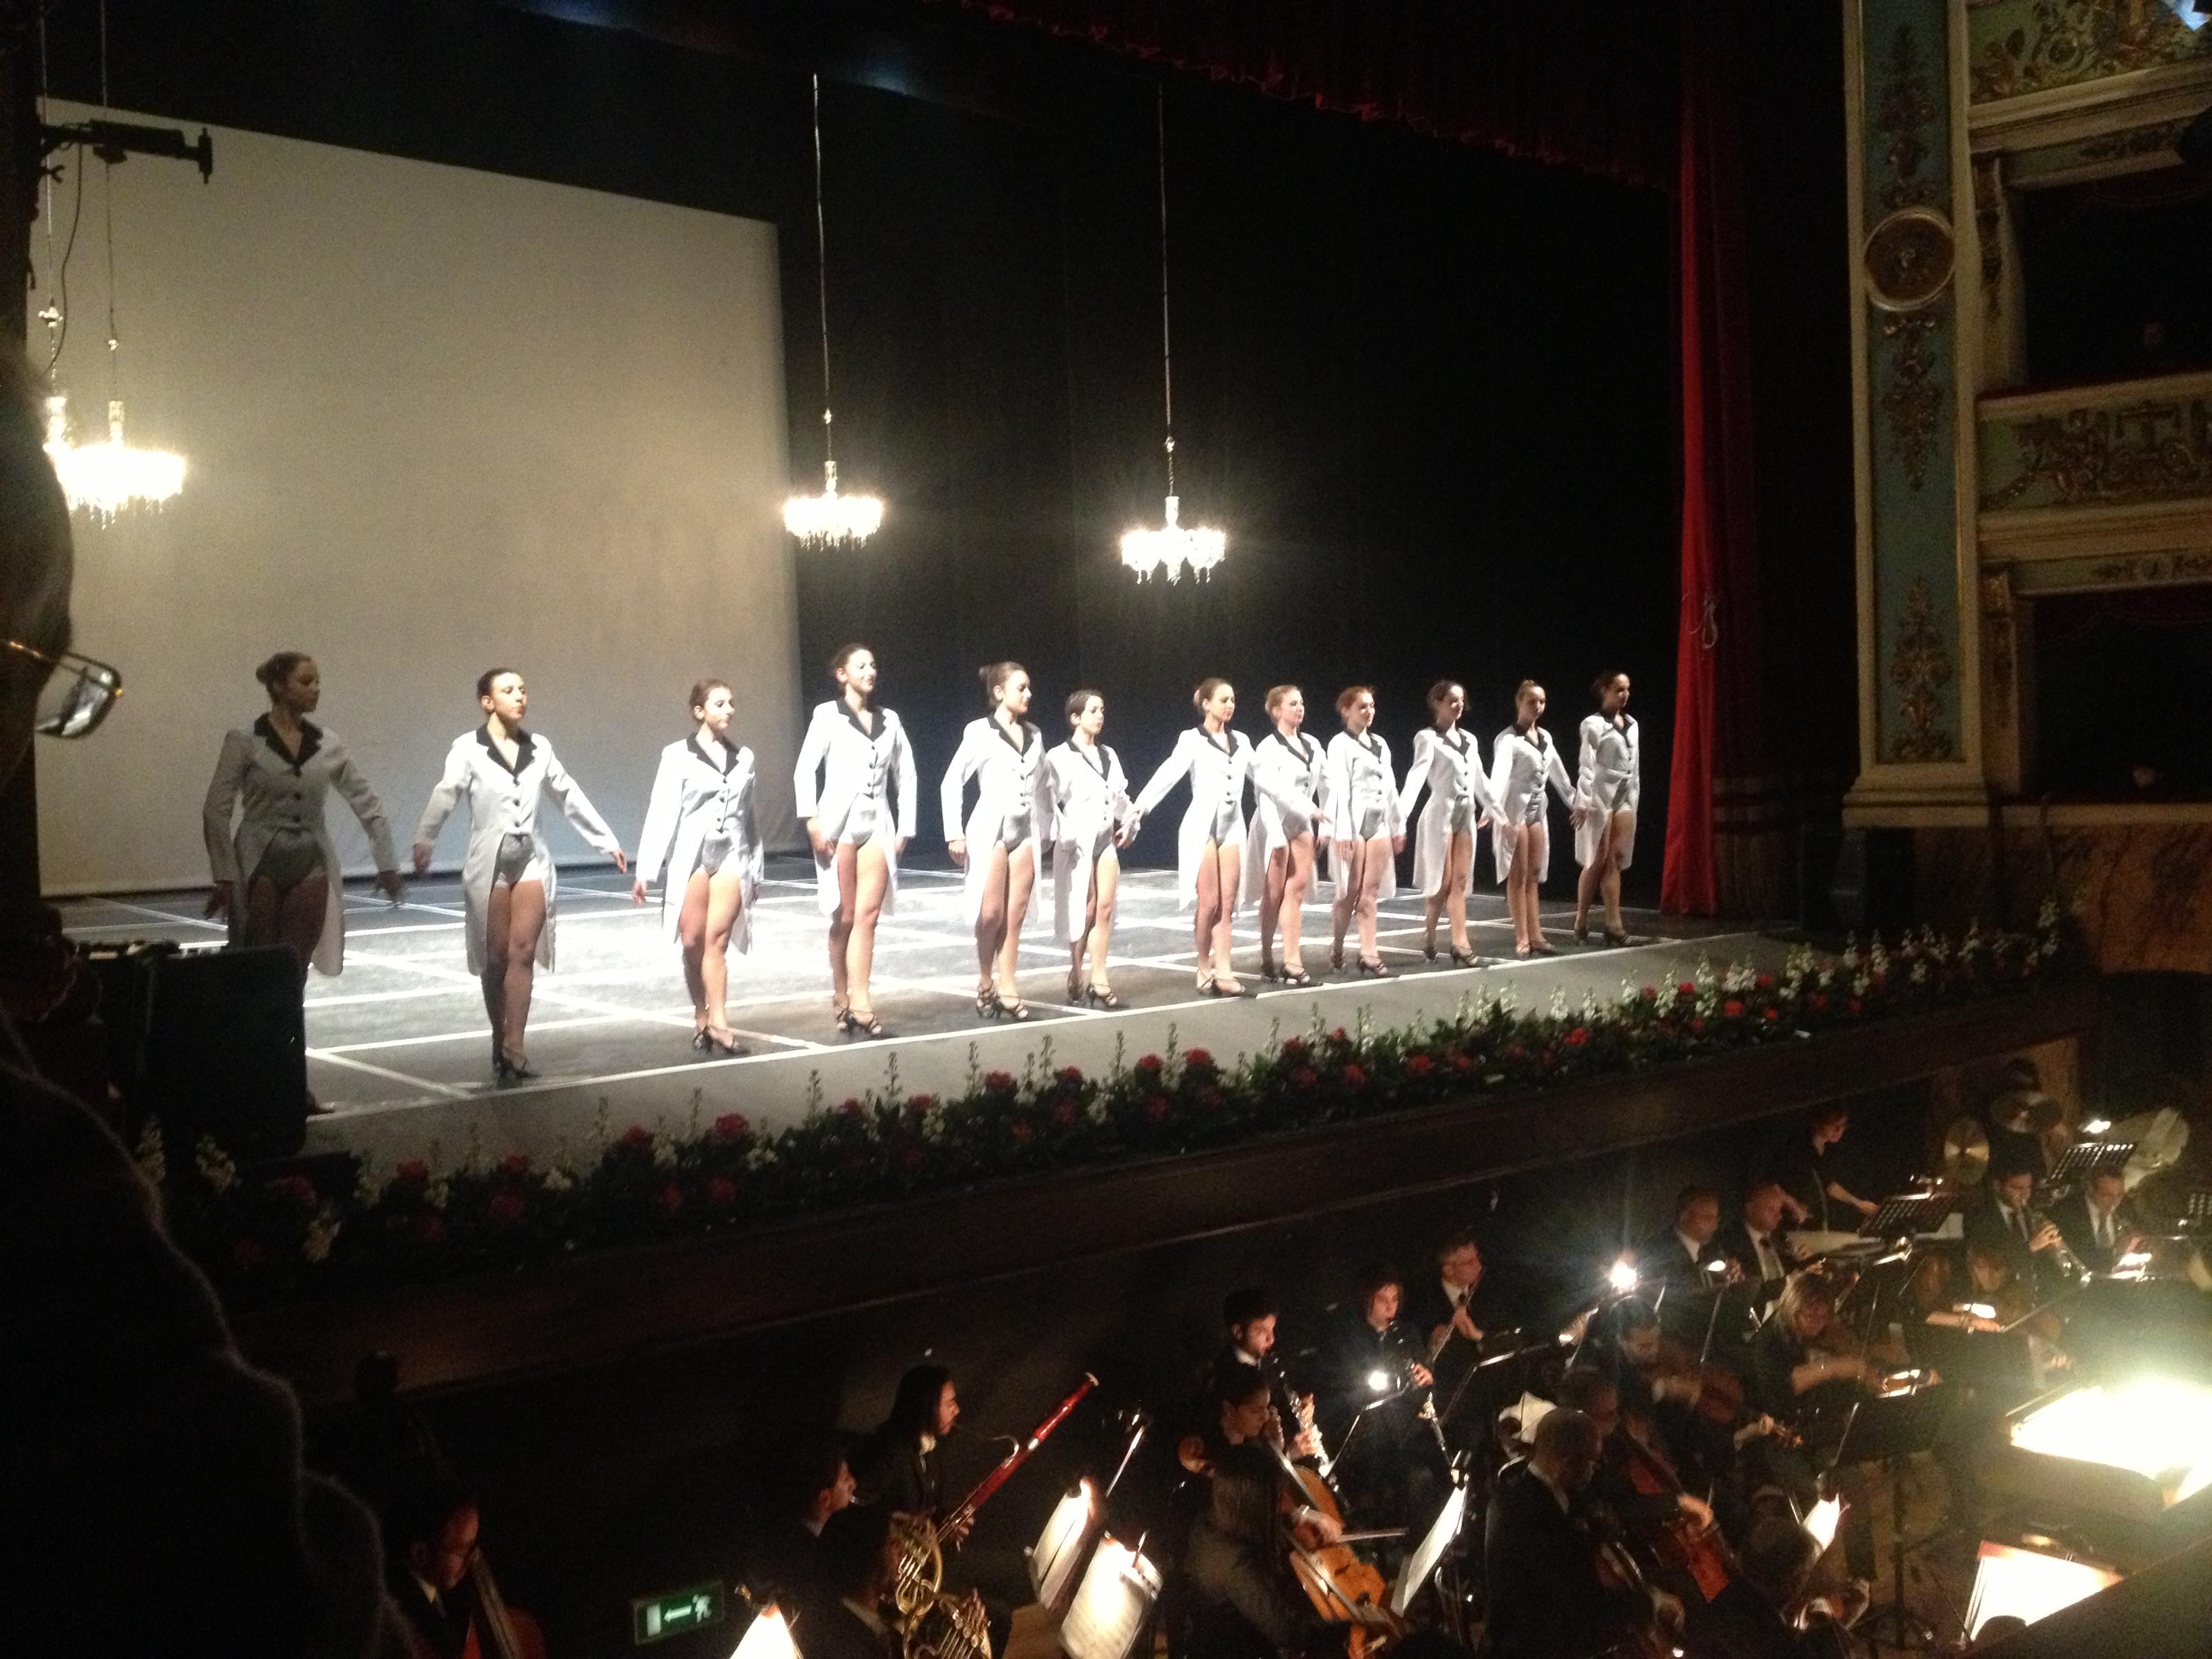 Gran Concerto di Capodanno balletto